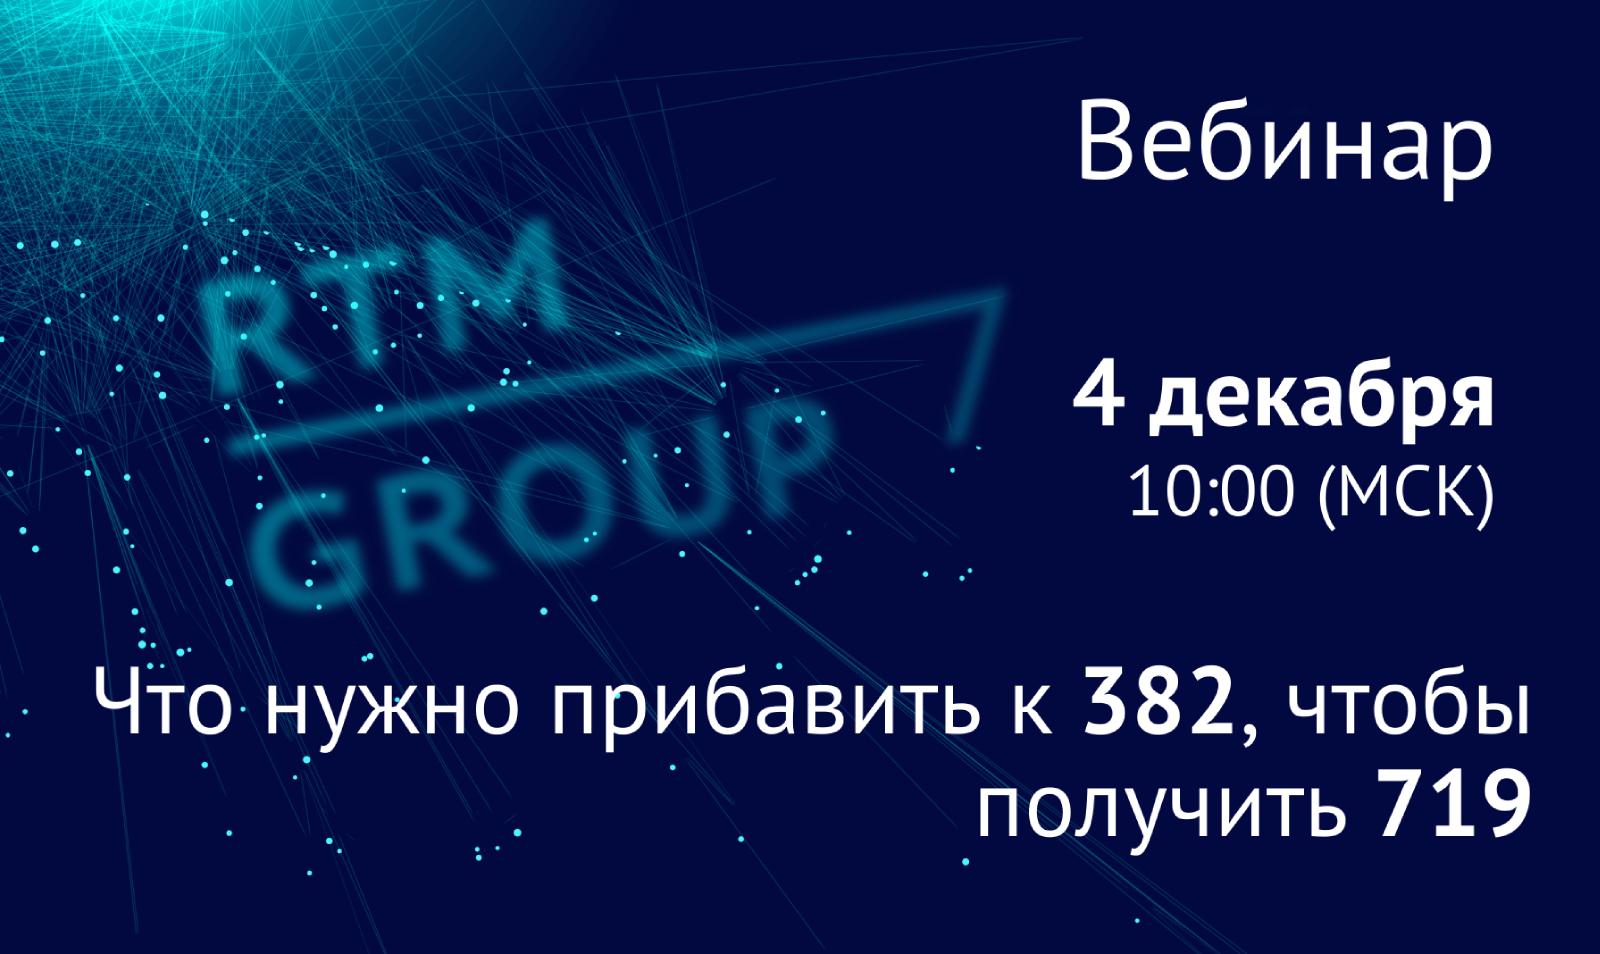 Вебинар RTM Group: «Что нужно прибавить к 382, чтобы получить 719?»